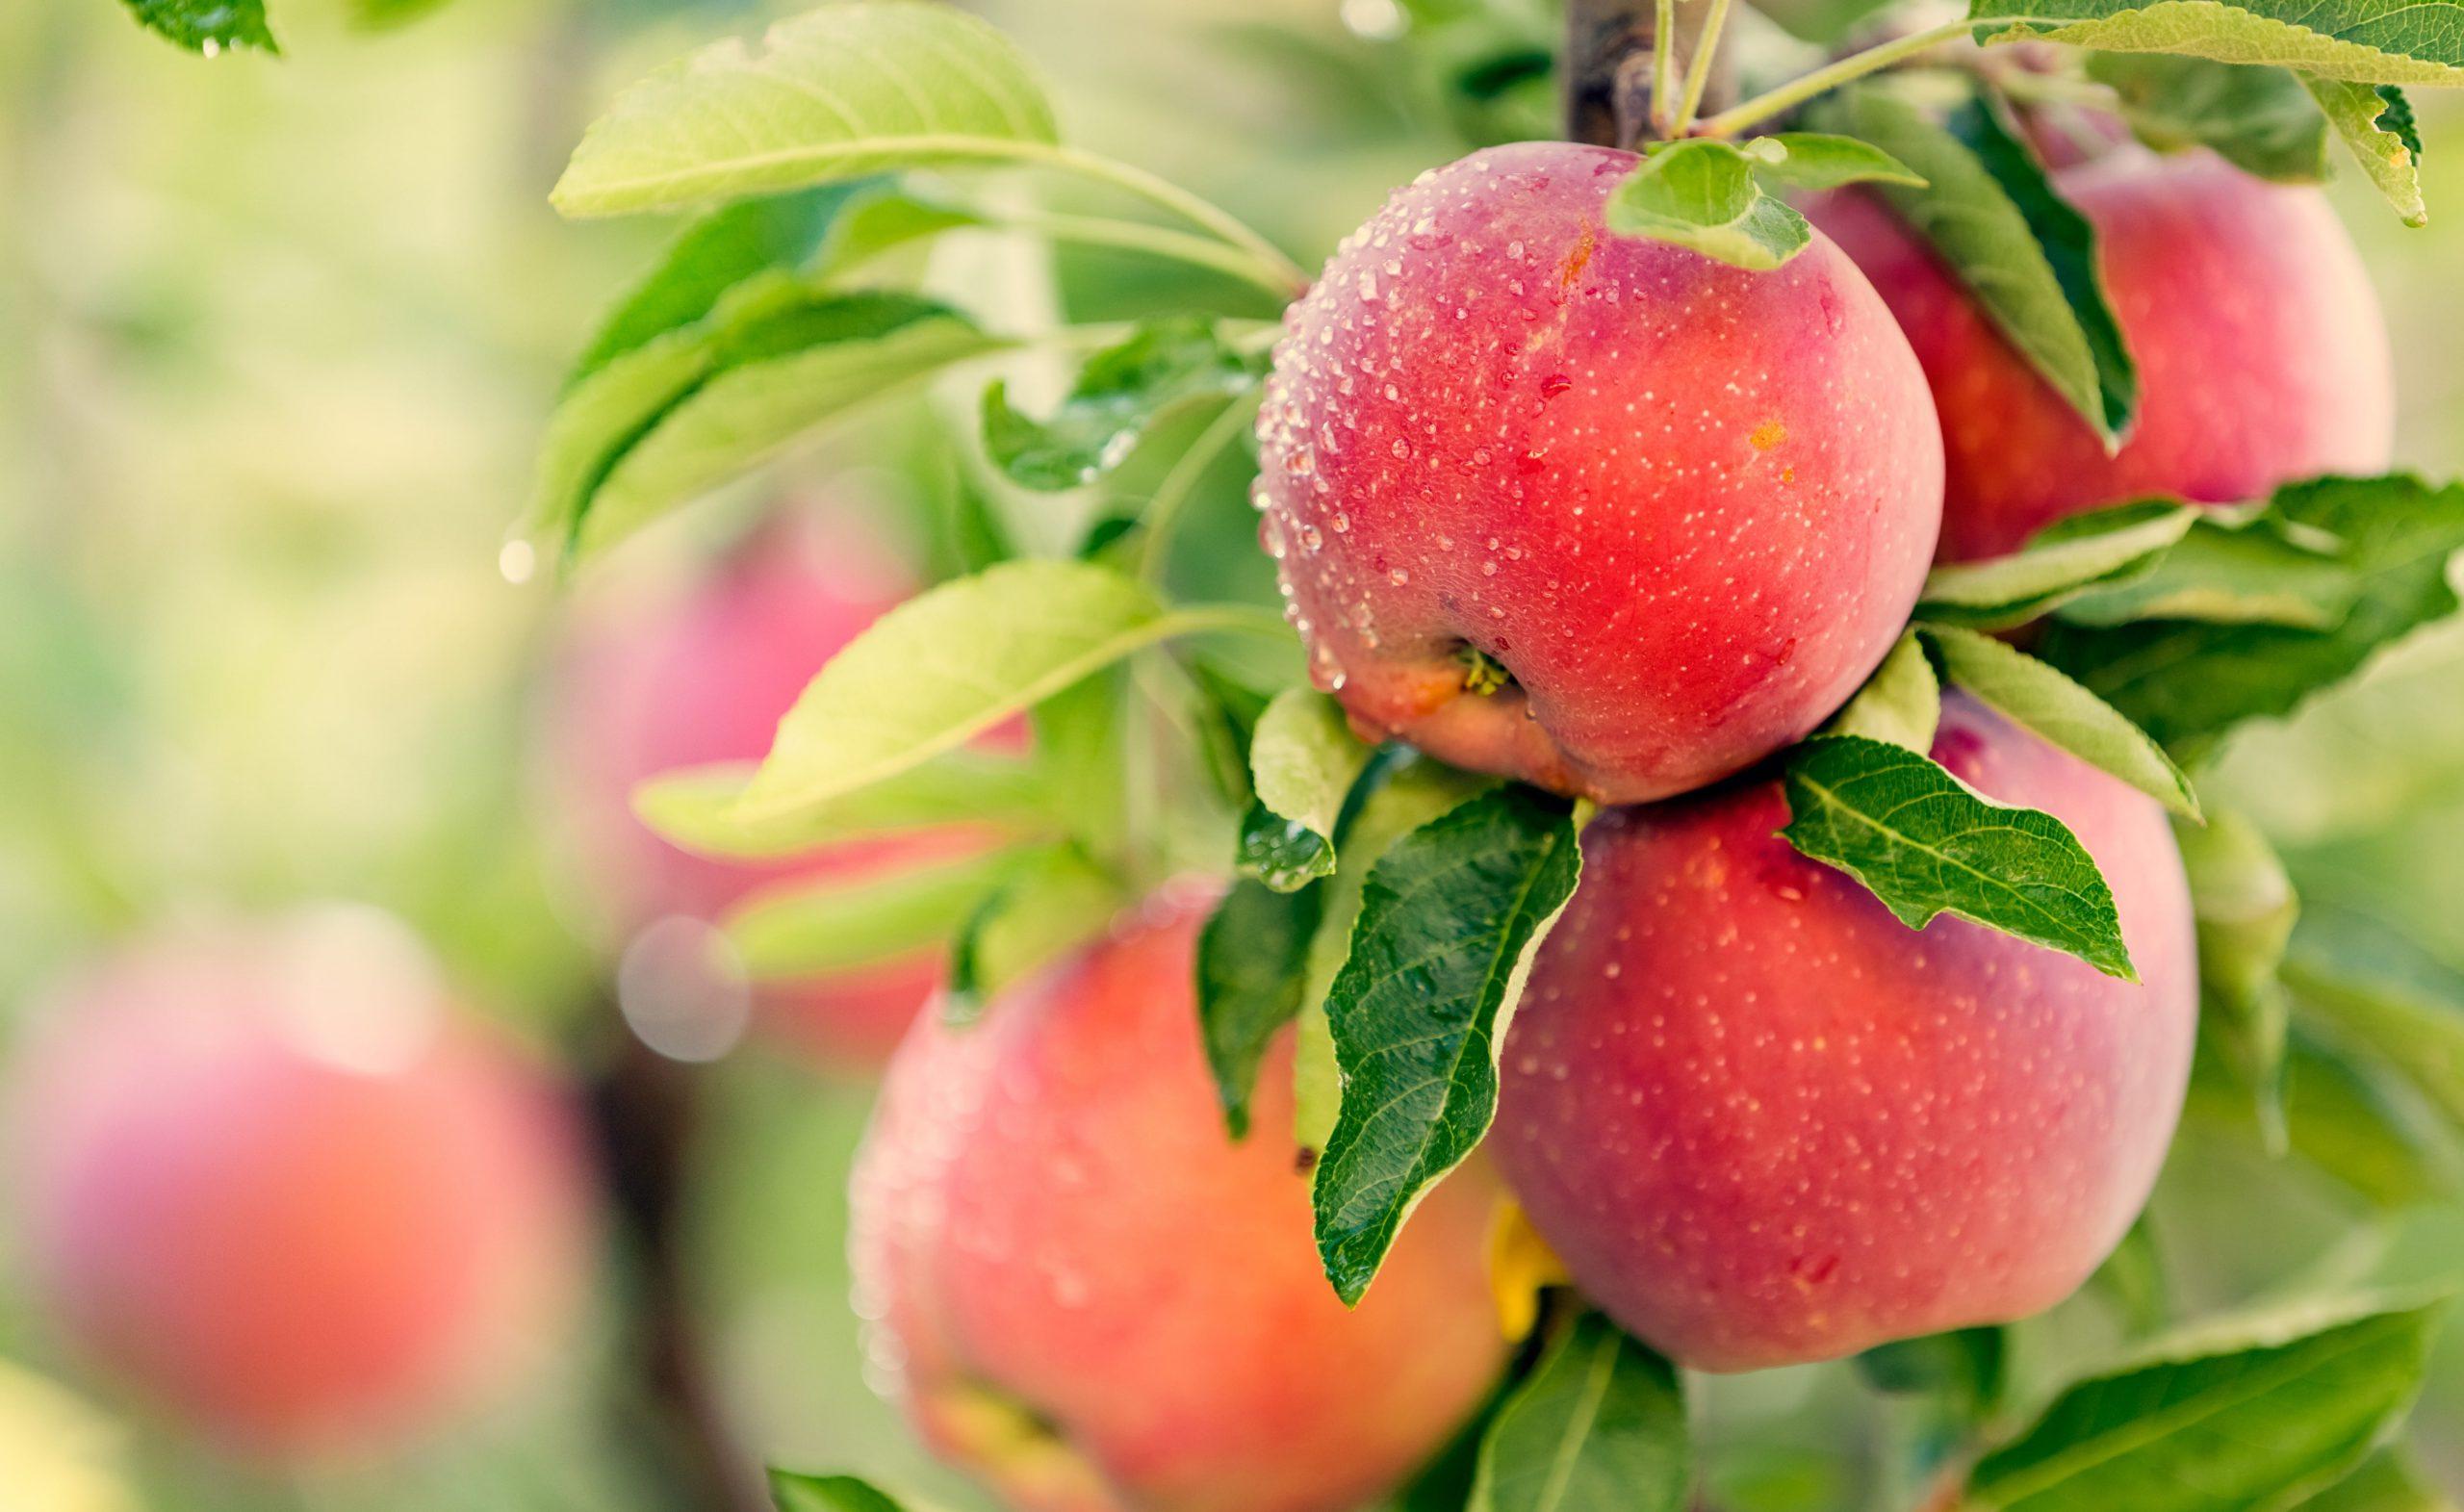 Äpfel sind gesund - jetzt online bestellen bei Lunemann´s® leckerer Lieferservice